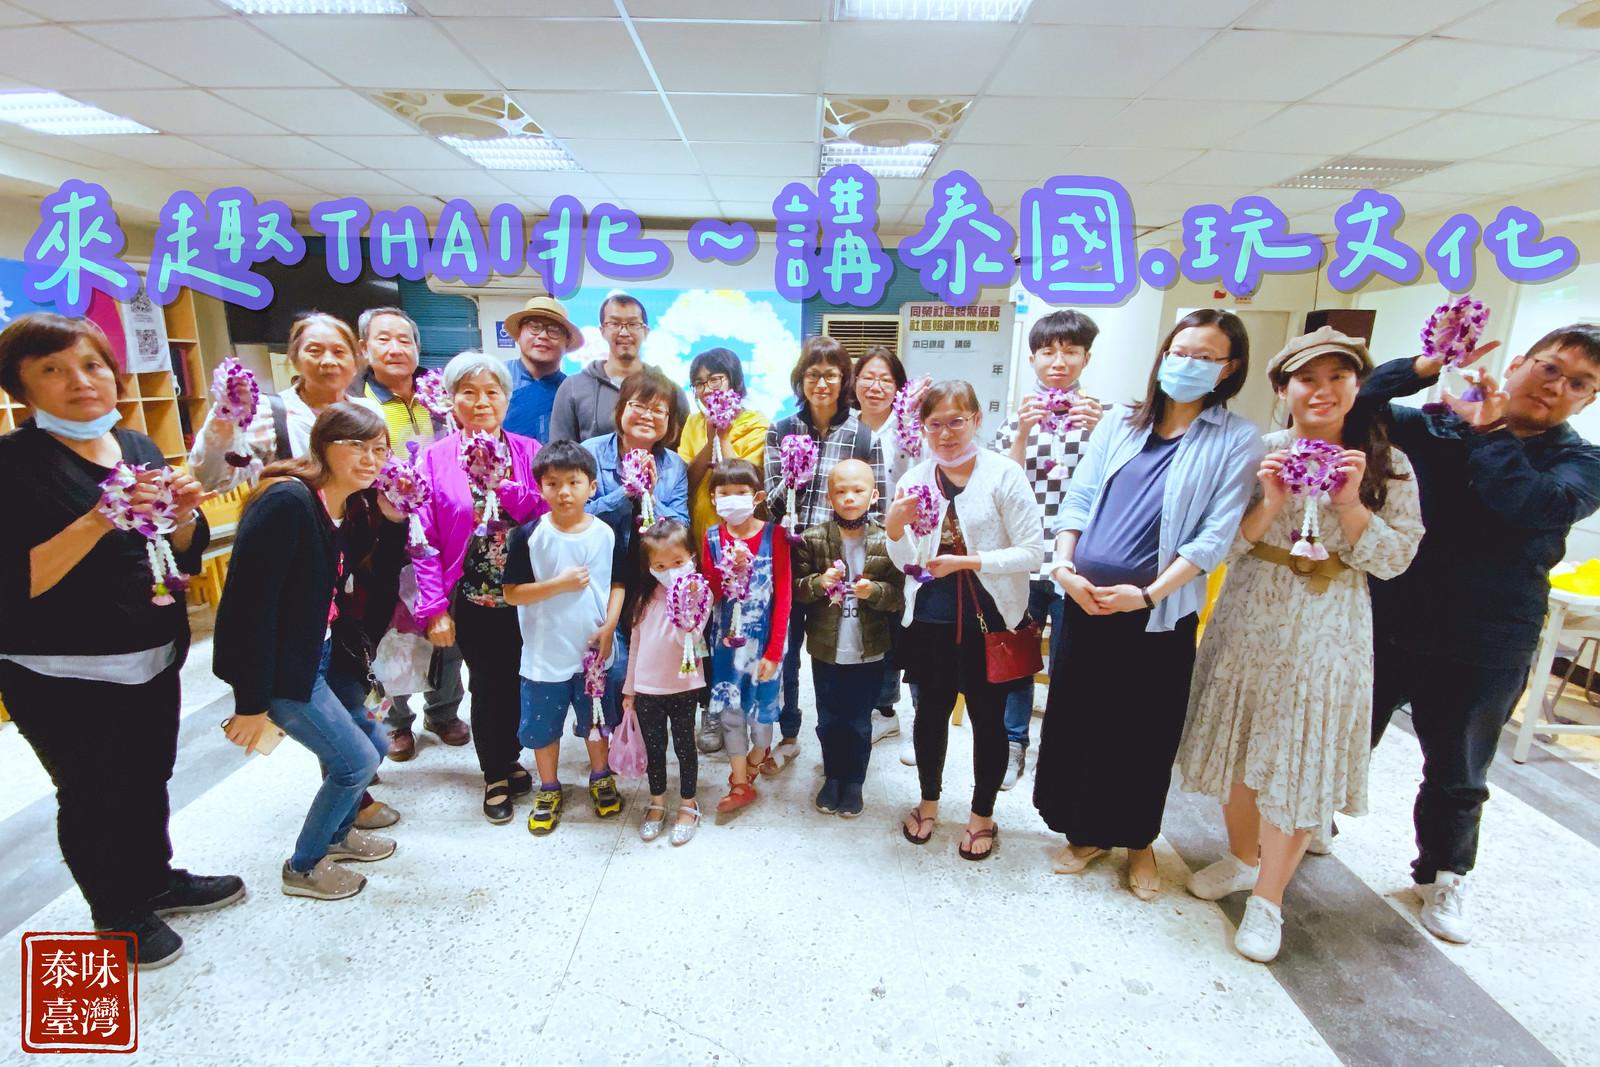 泰味臺灣~來趣THAI北「講泰國、玩文化」